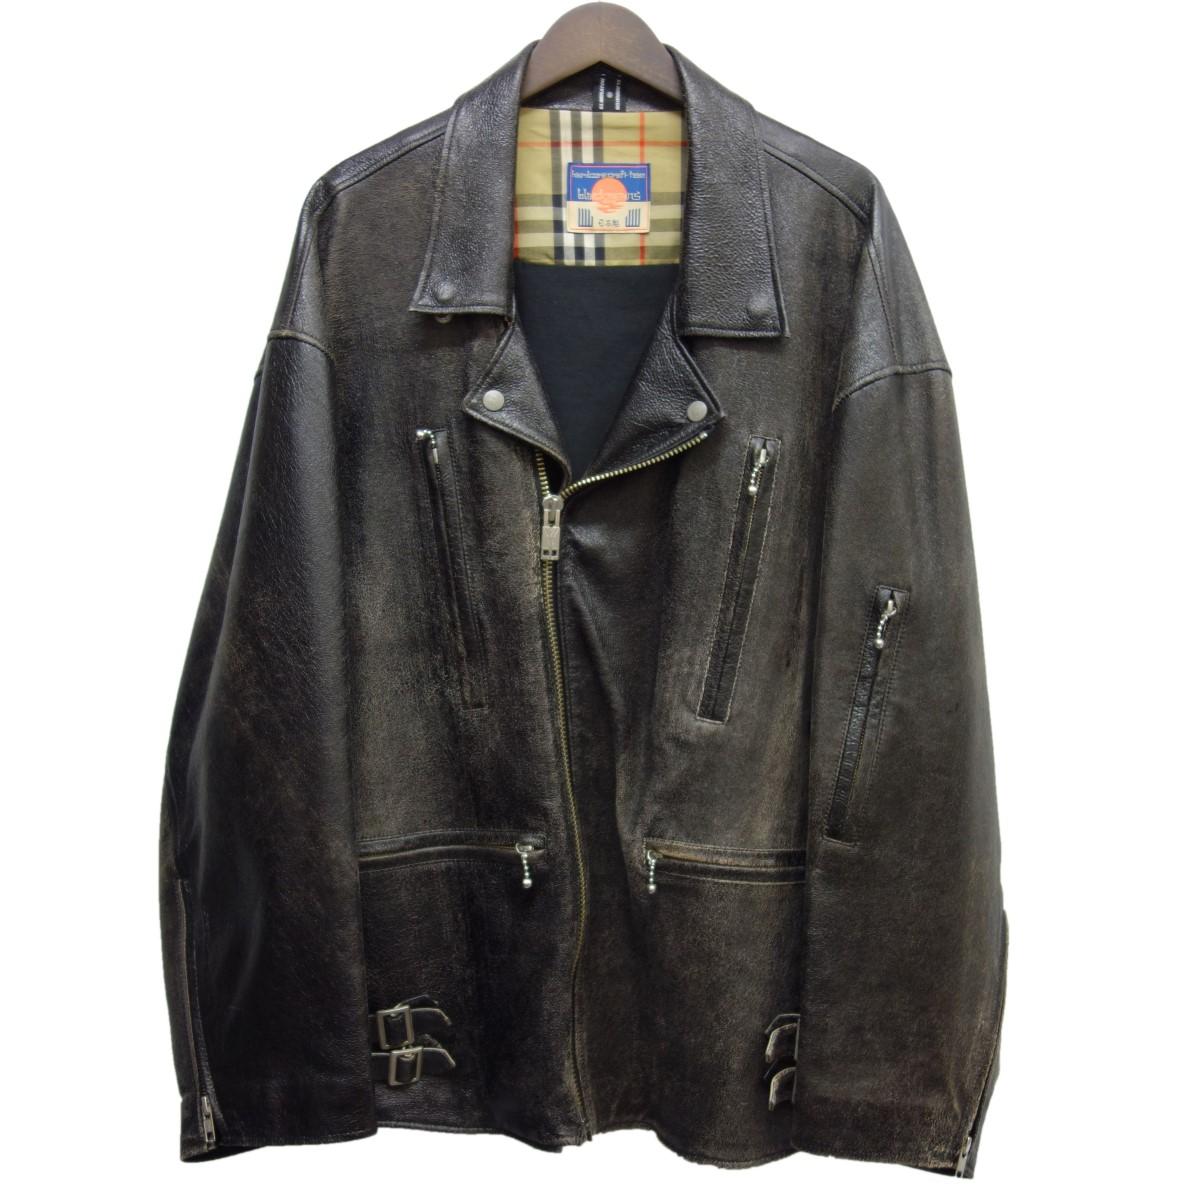 【中古】Blackmeans × ELIMINATOR オーバーサイズレザーダブルライダースジャケット ブラック サイズ:F 【030420】(ブラックミーンズ エリミネイター)